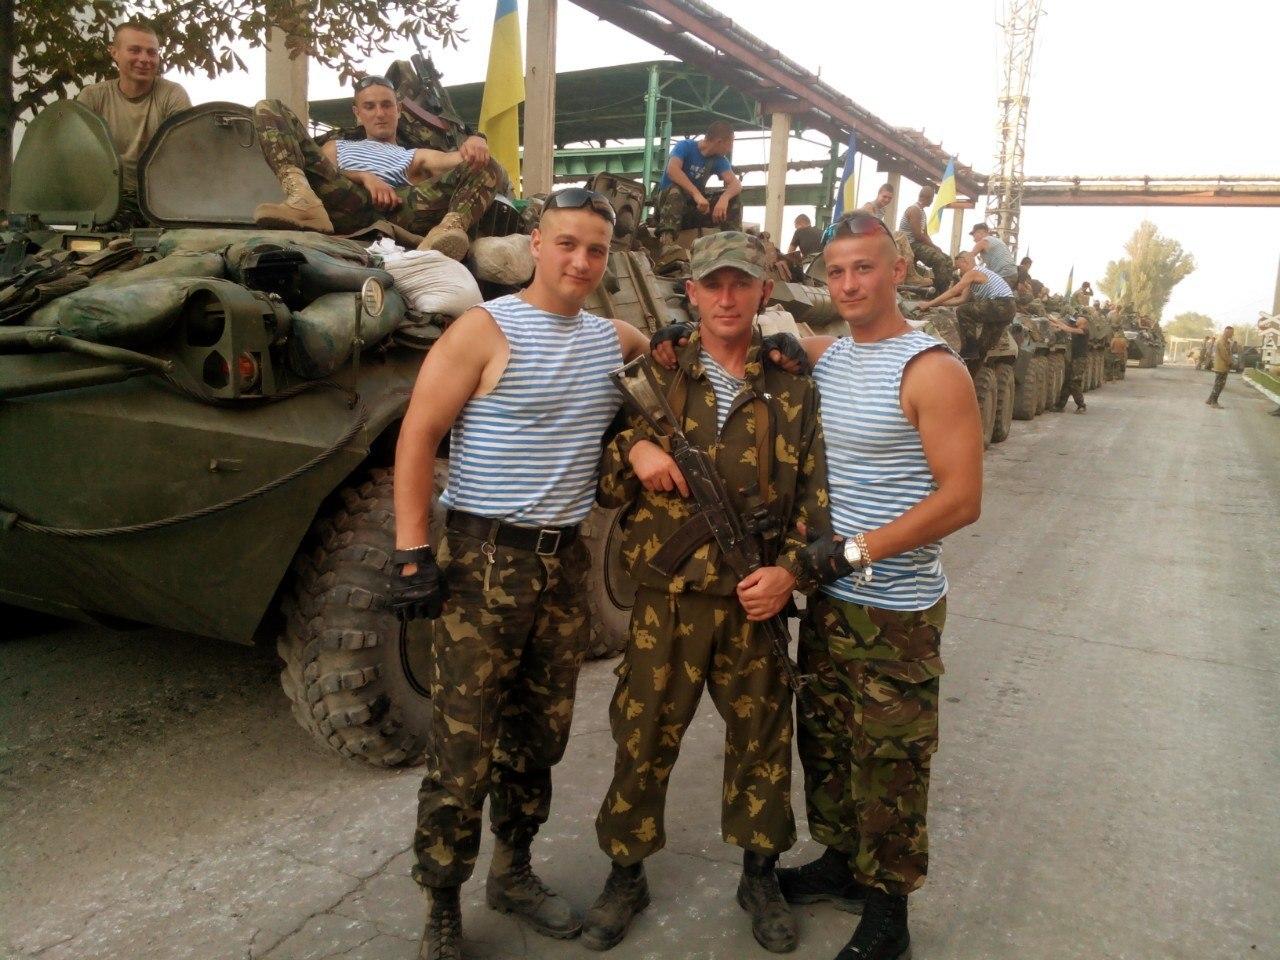 Військові зі складу 80-ї аеромобільної бригади, Луганщина, 2014 р.